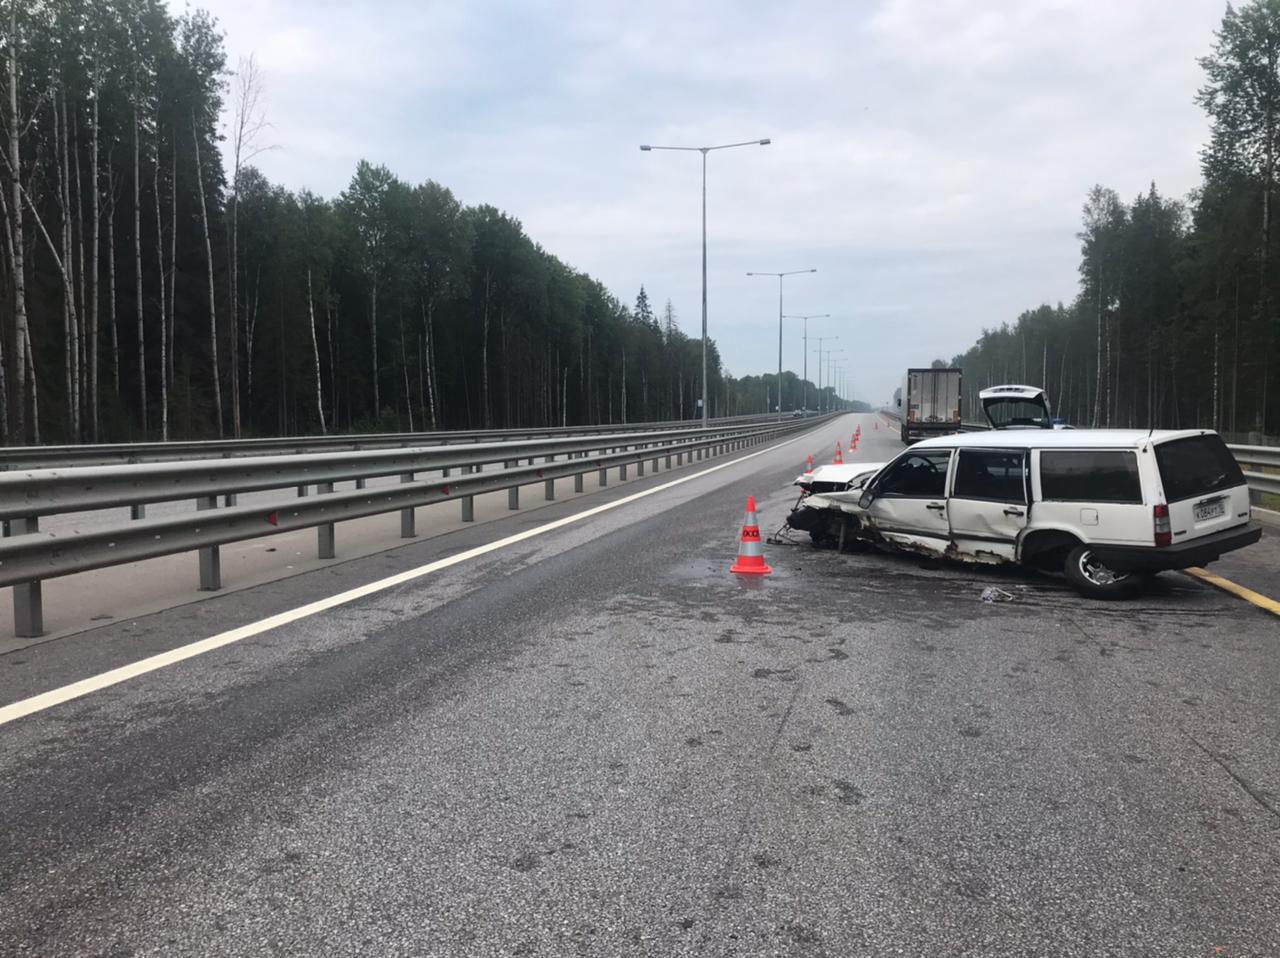 В Тверской области водитель уснул за рулем и разбил машину, которую купил пару дней назад - новости Афанасий